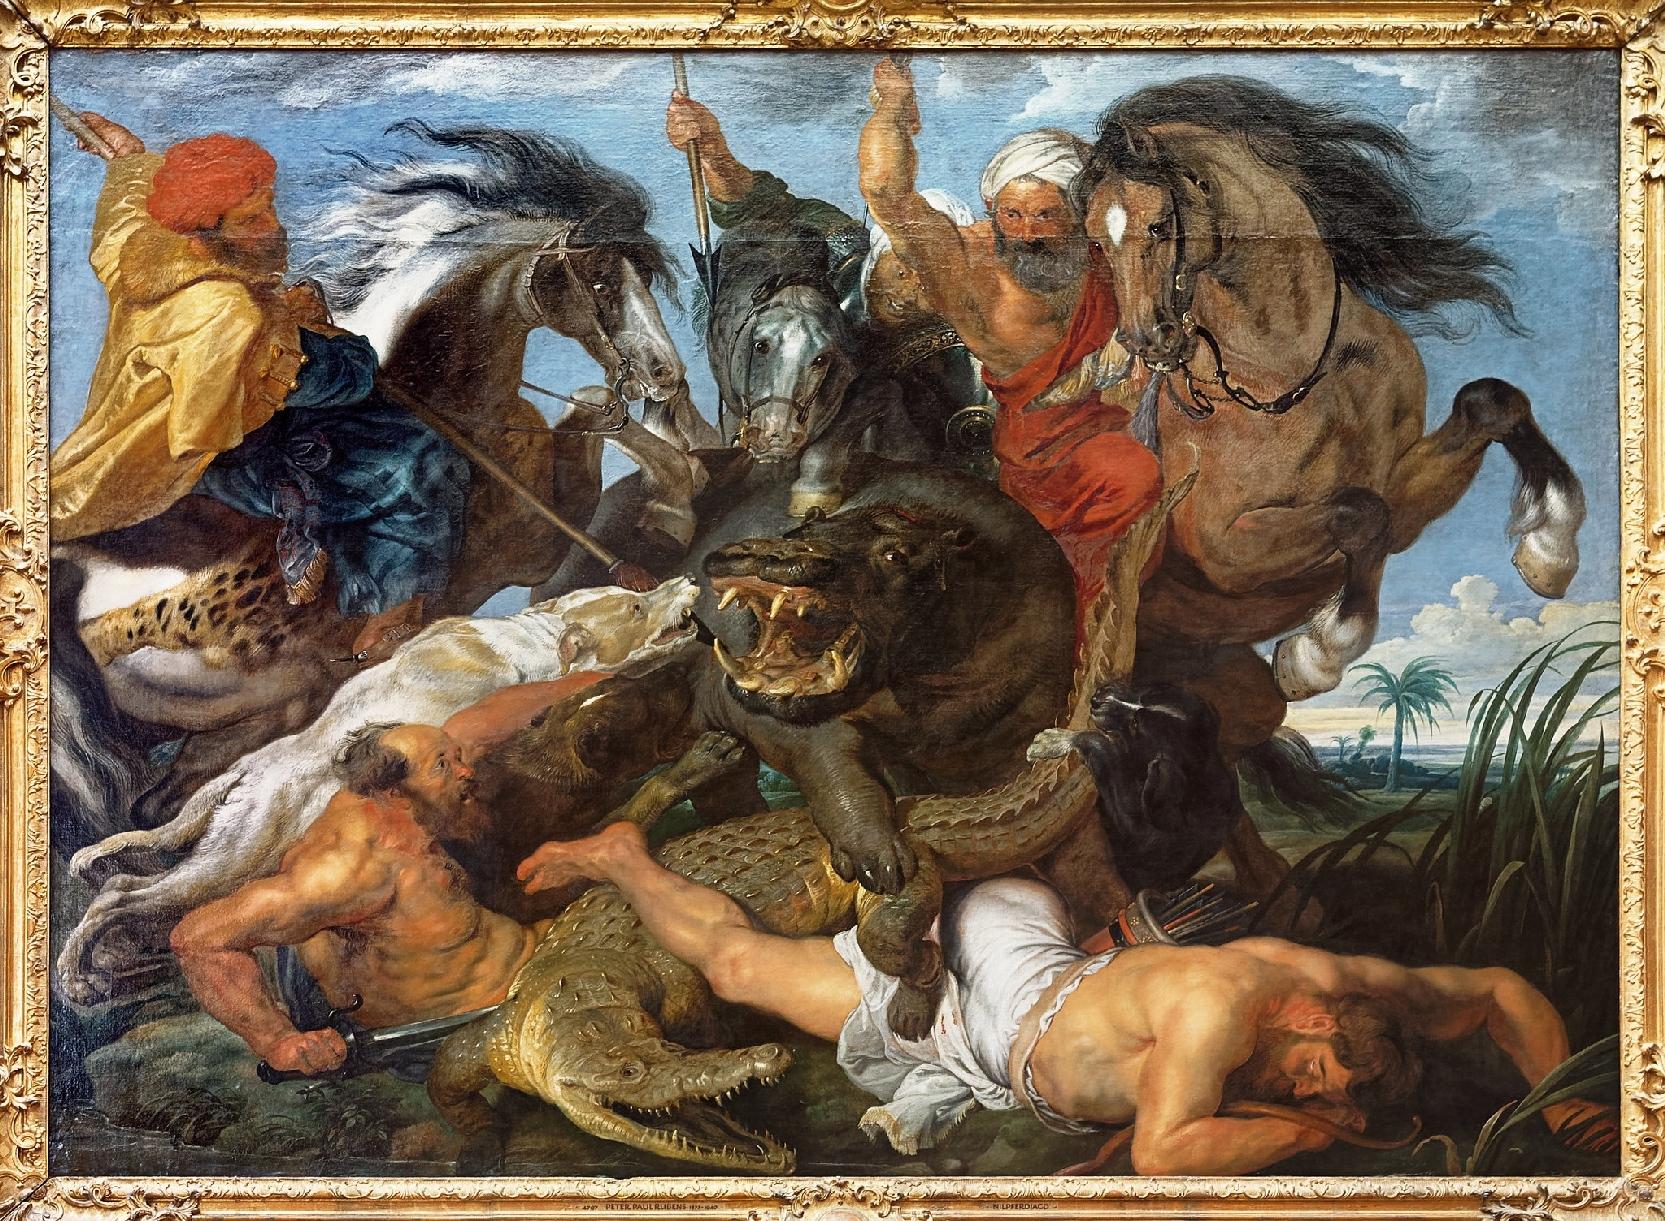 Tablouri mitologie, religioase, Icoane.